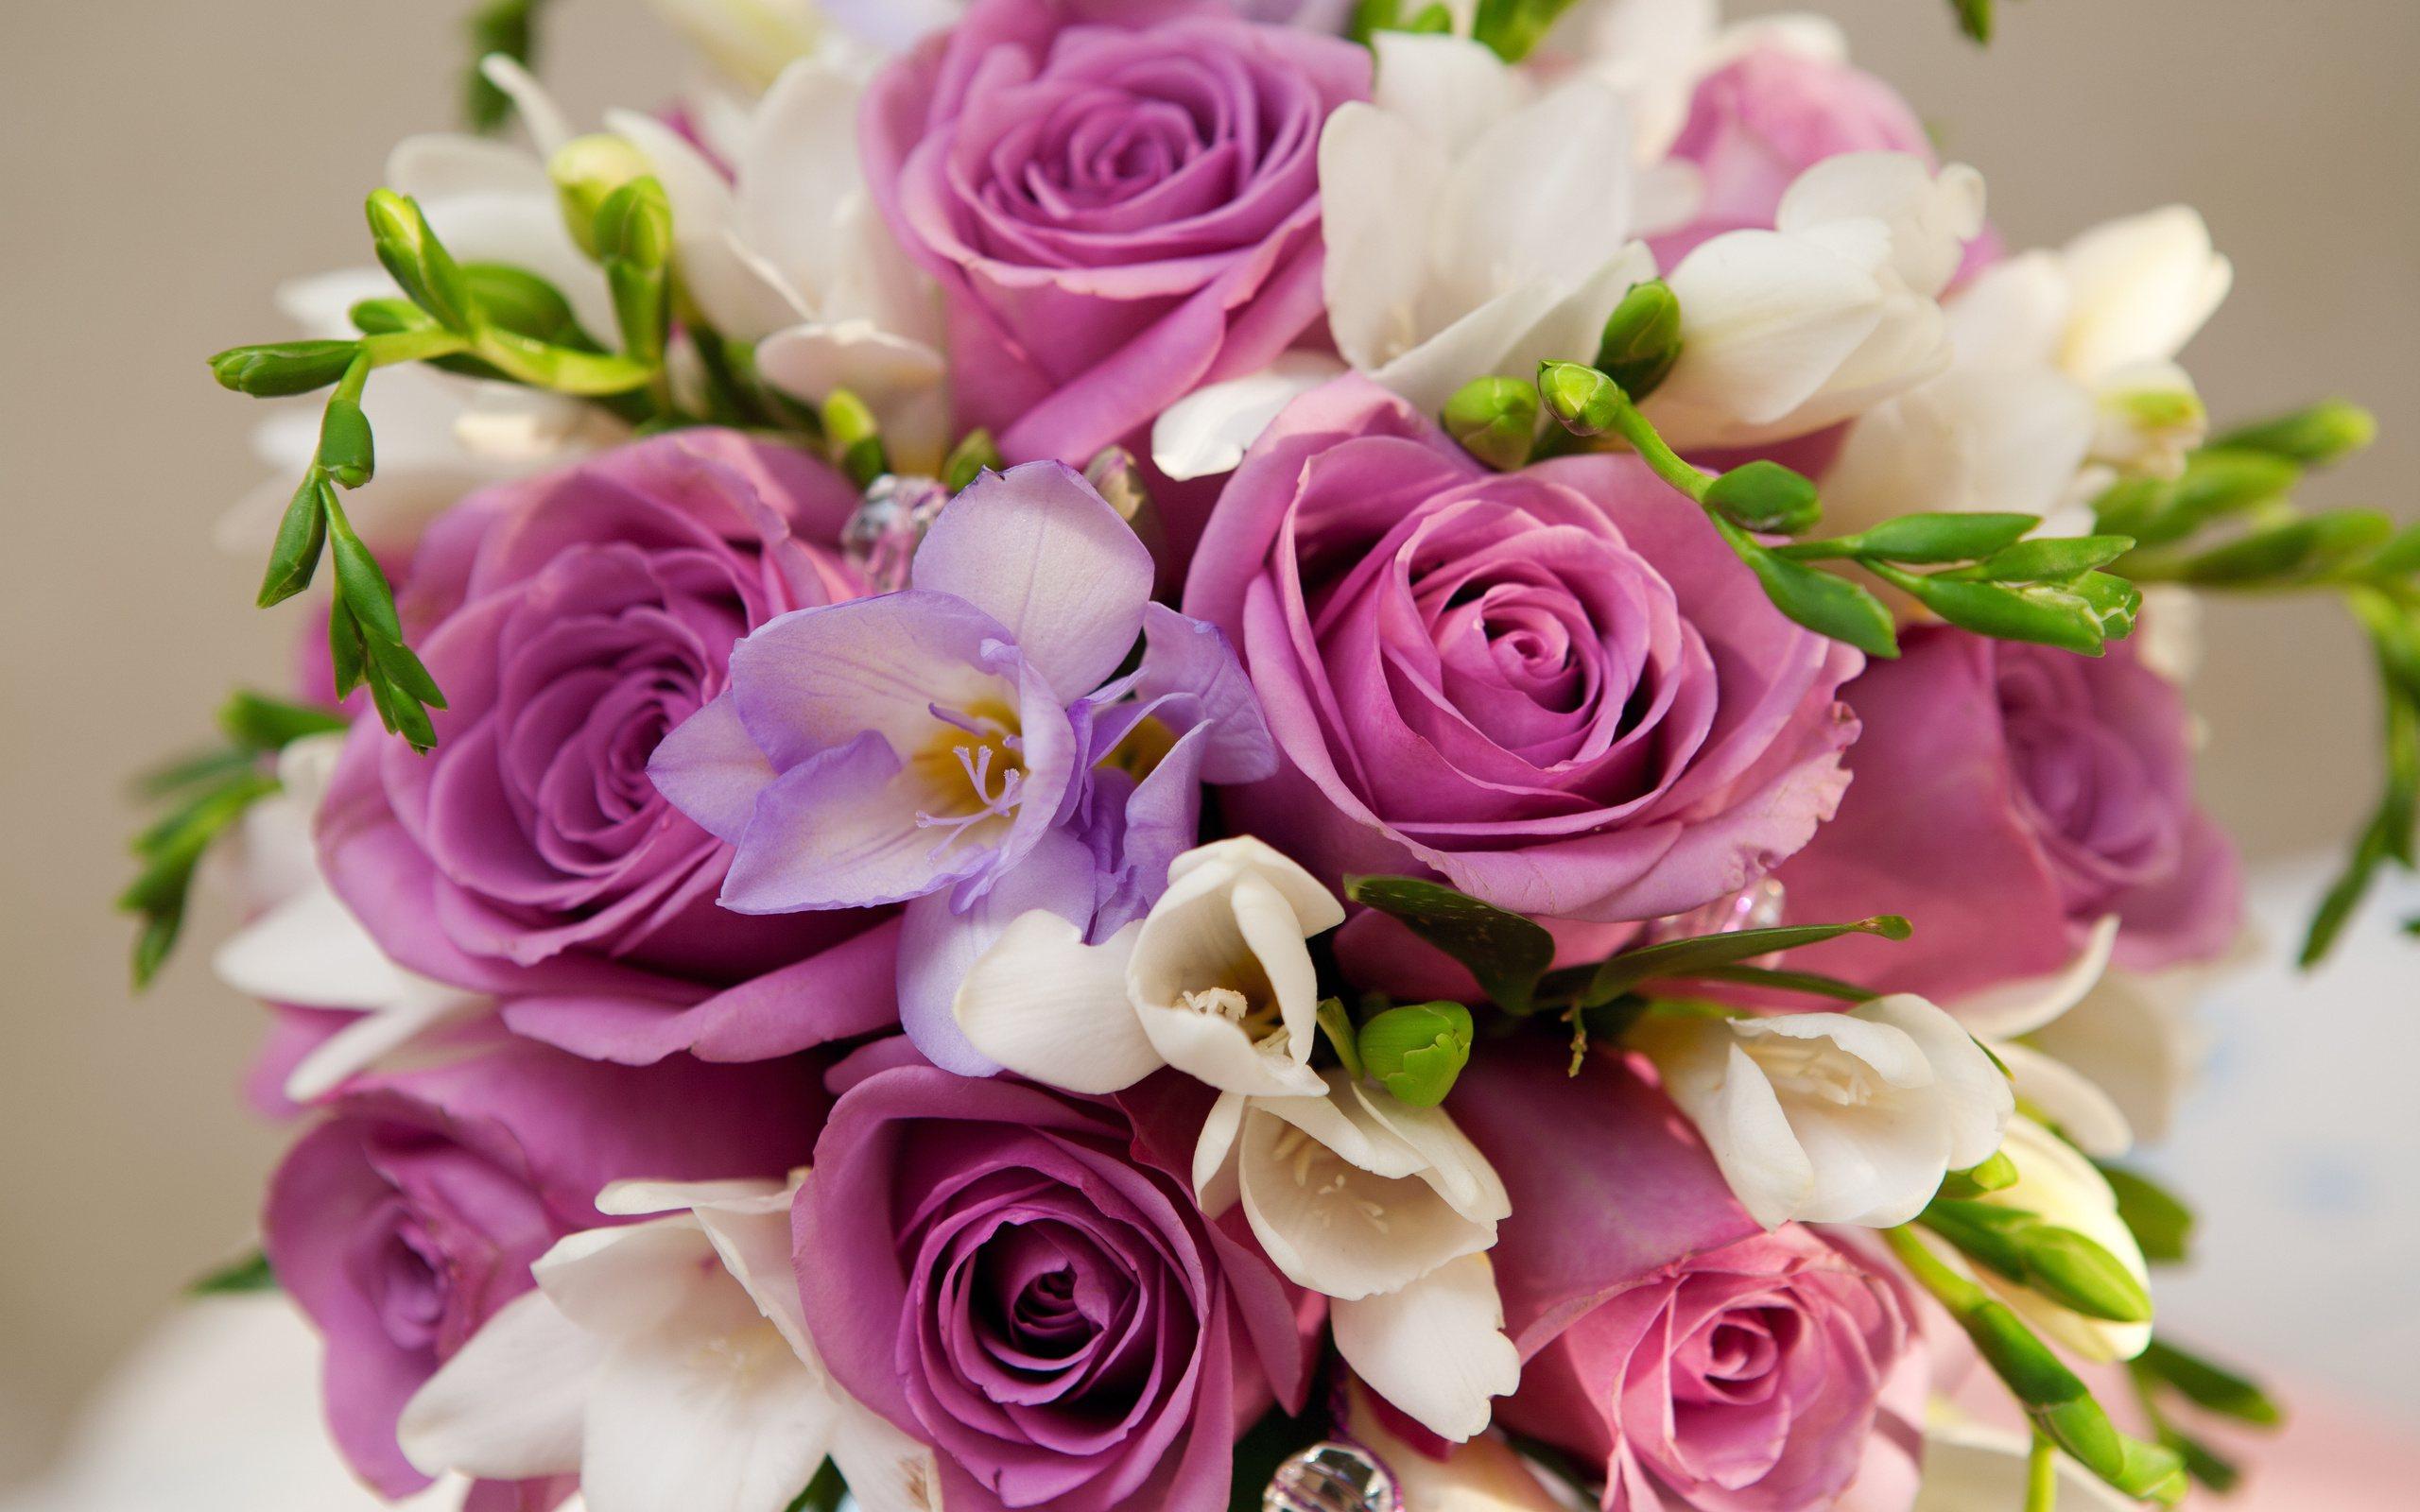 بالصور اجمل بوكيه ورد فى الدنيا , صور الورد روعة 3495